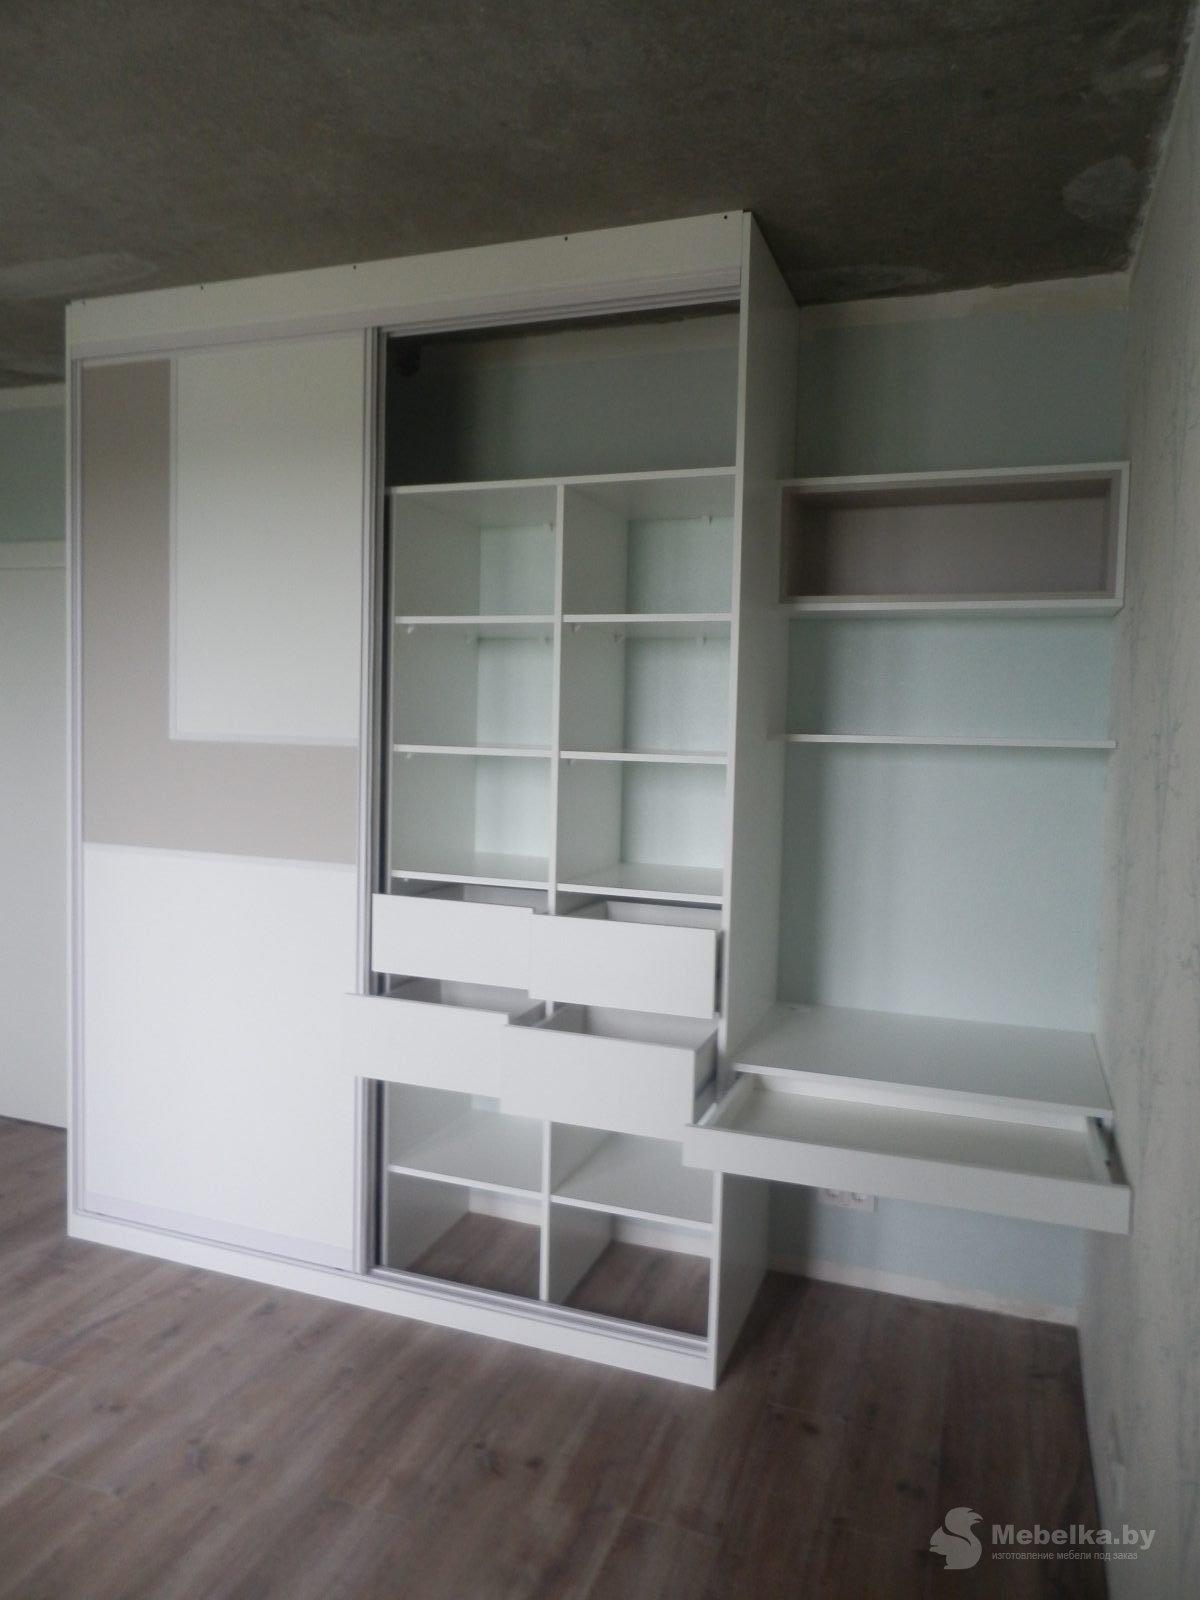 Шкаф-купе со вставкой и рабочим местом в спальне вид 5